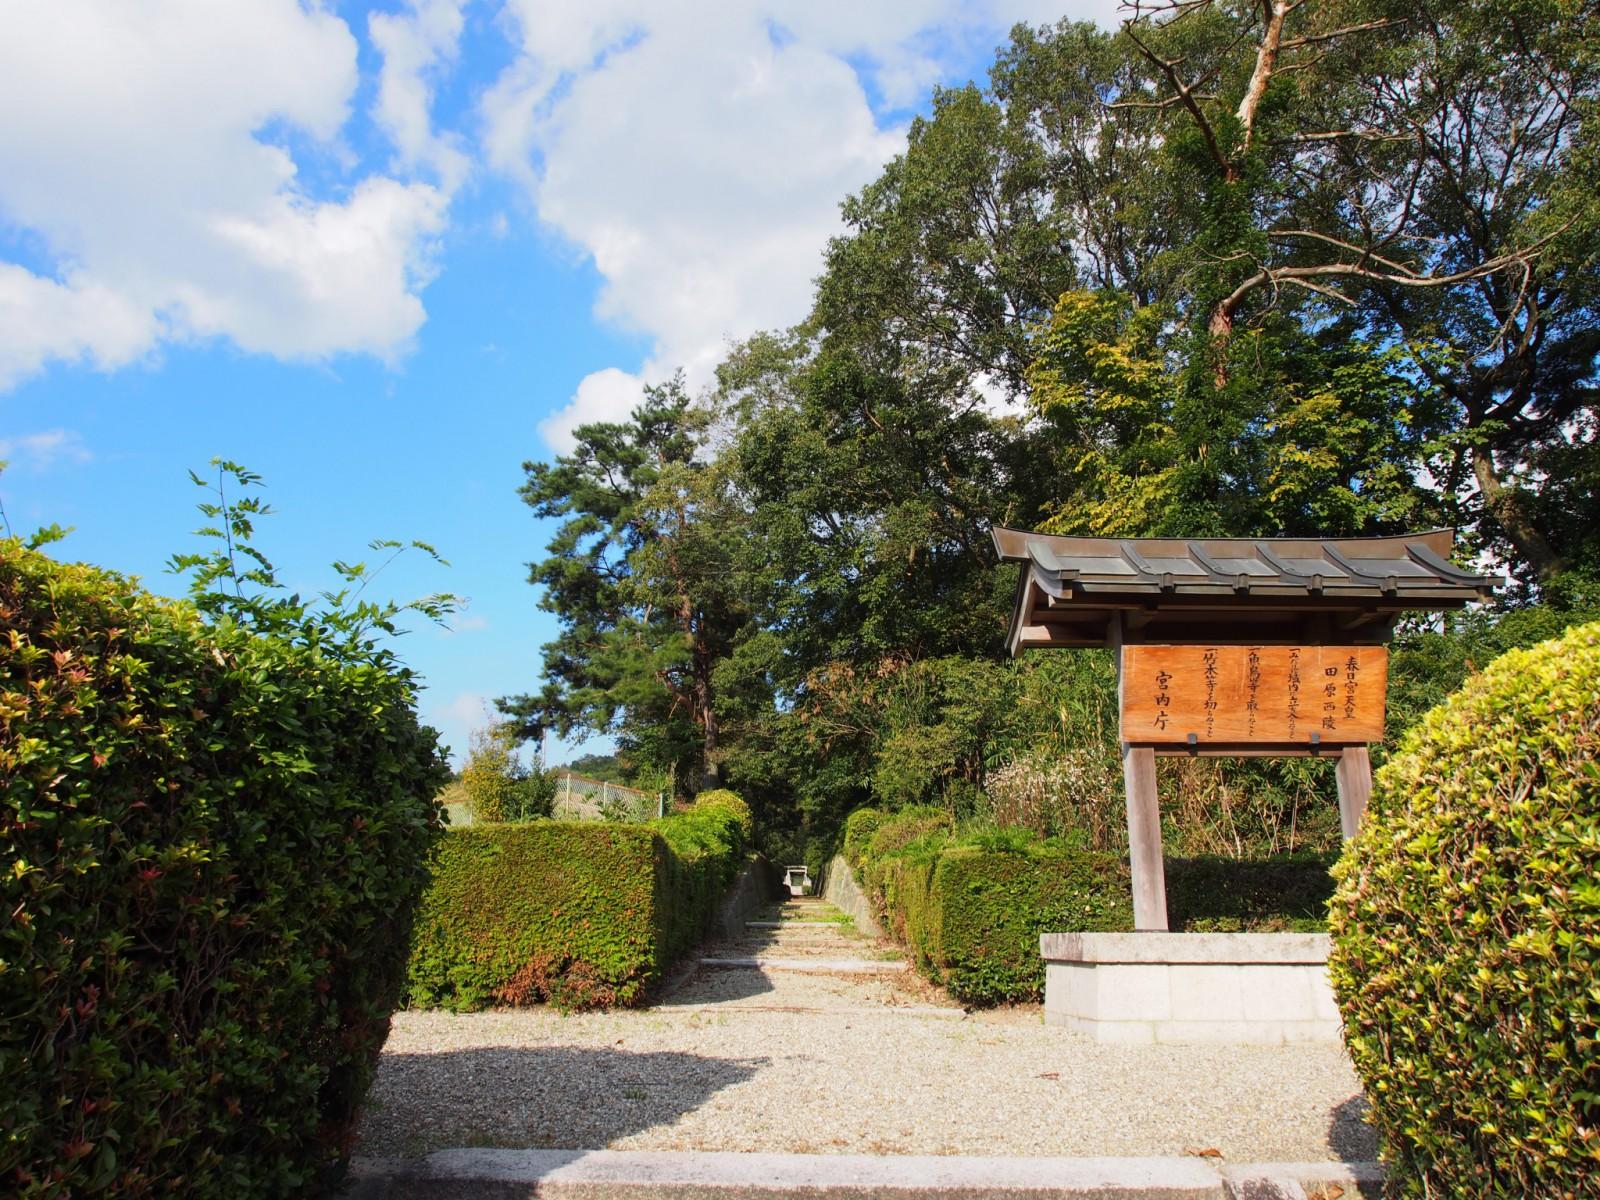 春日宮天皇陵の入り口付近